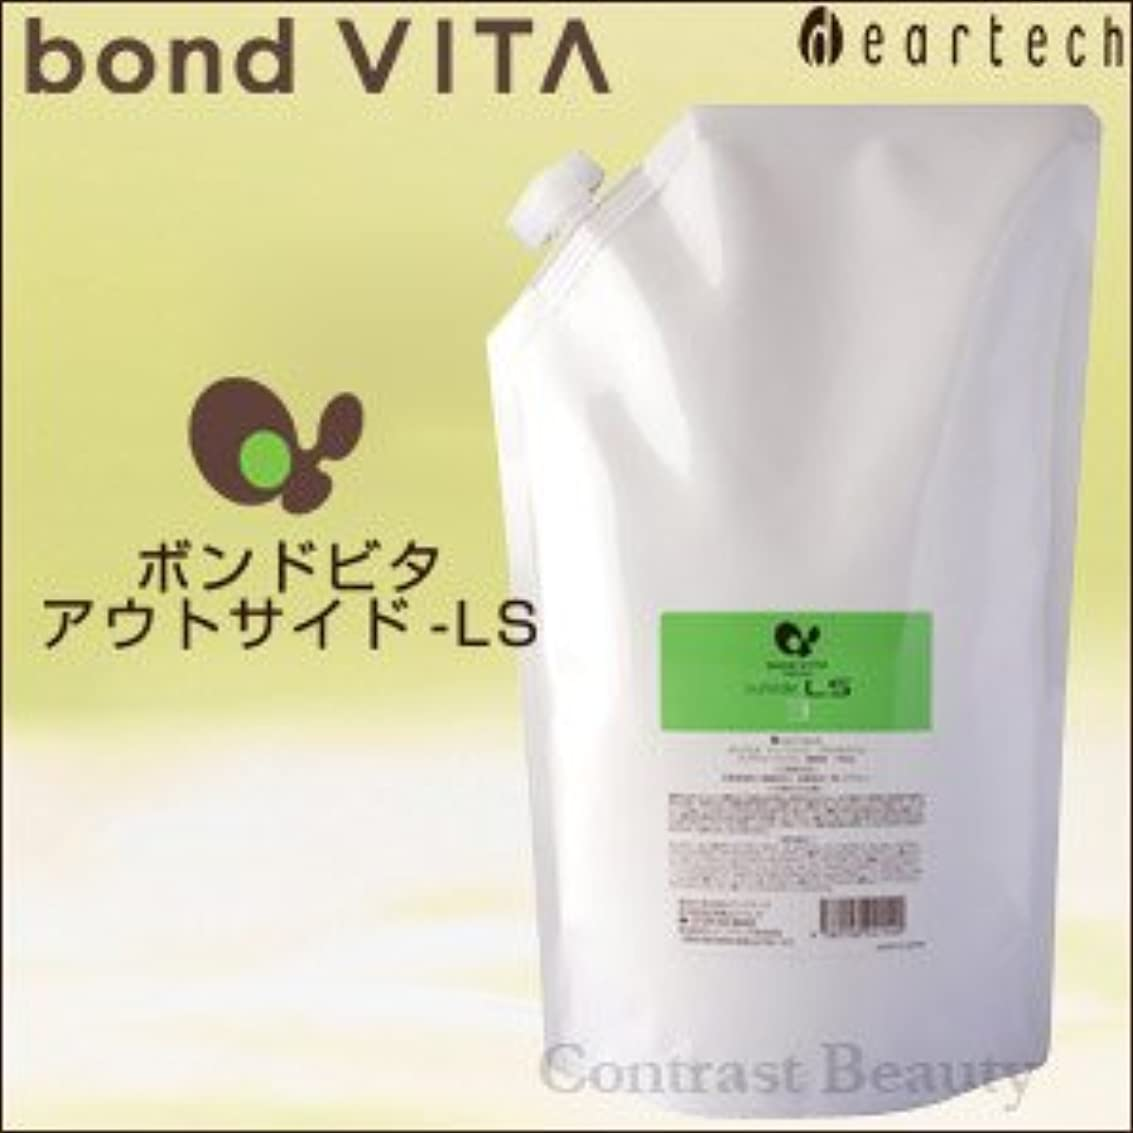 燃料みなすフォーラム【ディアテック】ボンドビタ アウトサイド-LS (レフィル) 1000ml